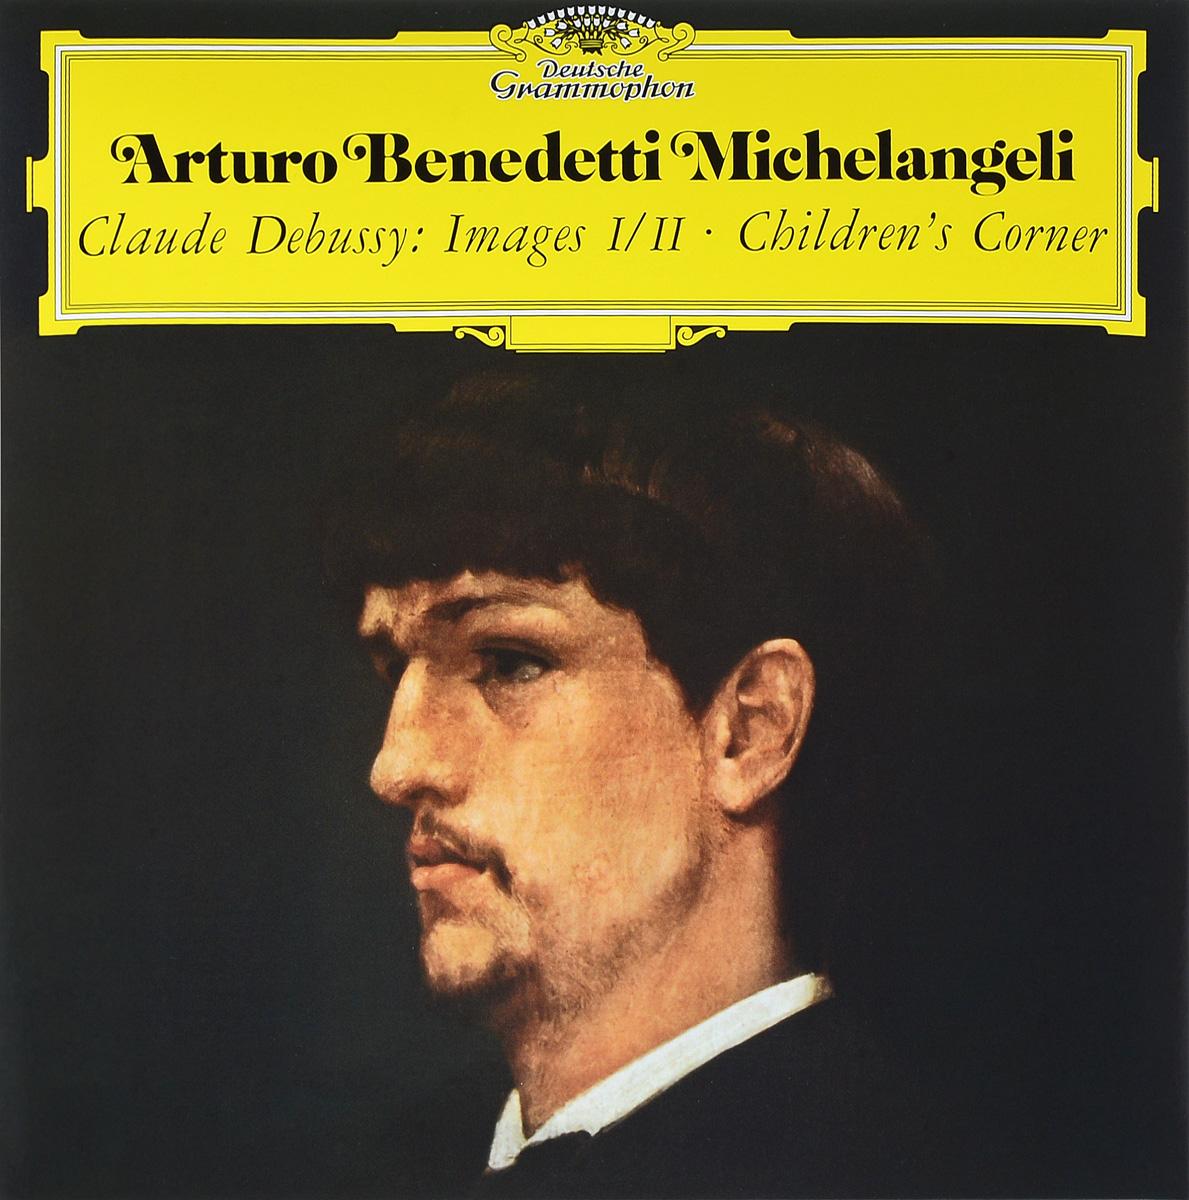 Артуро Бенедетти Микеланджели,Клод Дебюсси Arturo Benedetti Michelangeli, Claude Debussy. Images I/II. Children's Corner (LP) цена и фото